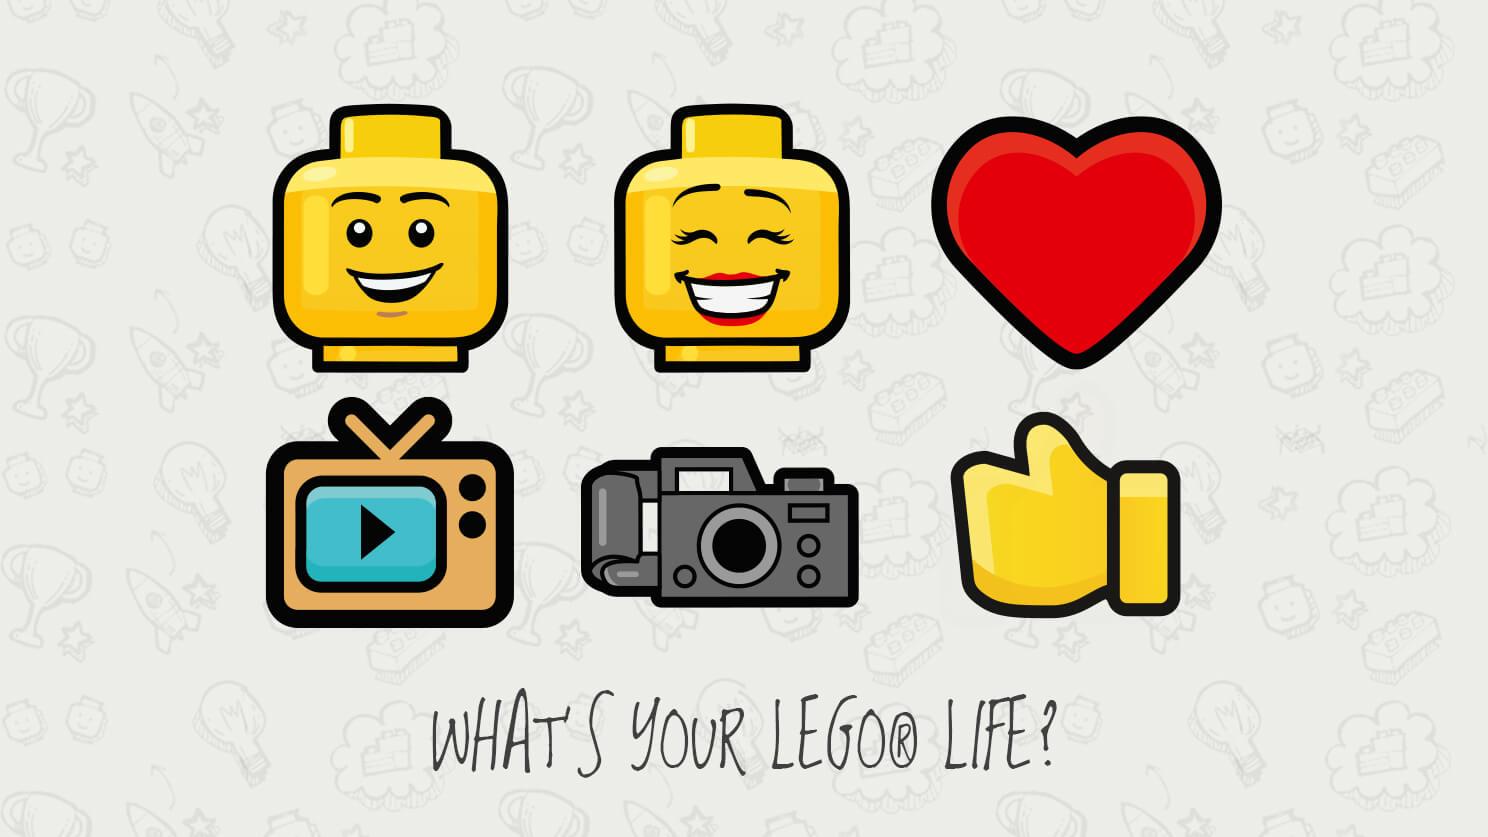 Lego-dan uşaqlara özəl sosial şəbəkə: Lego Life